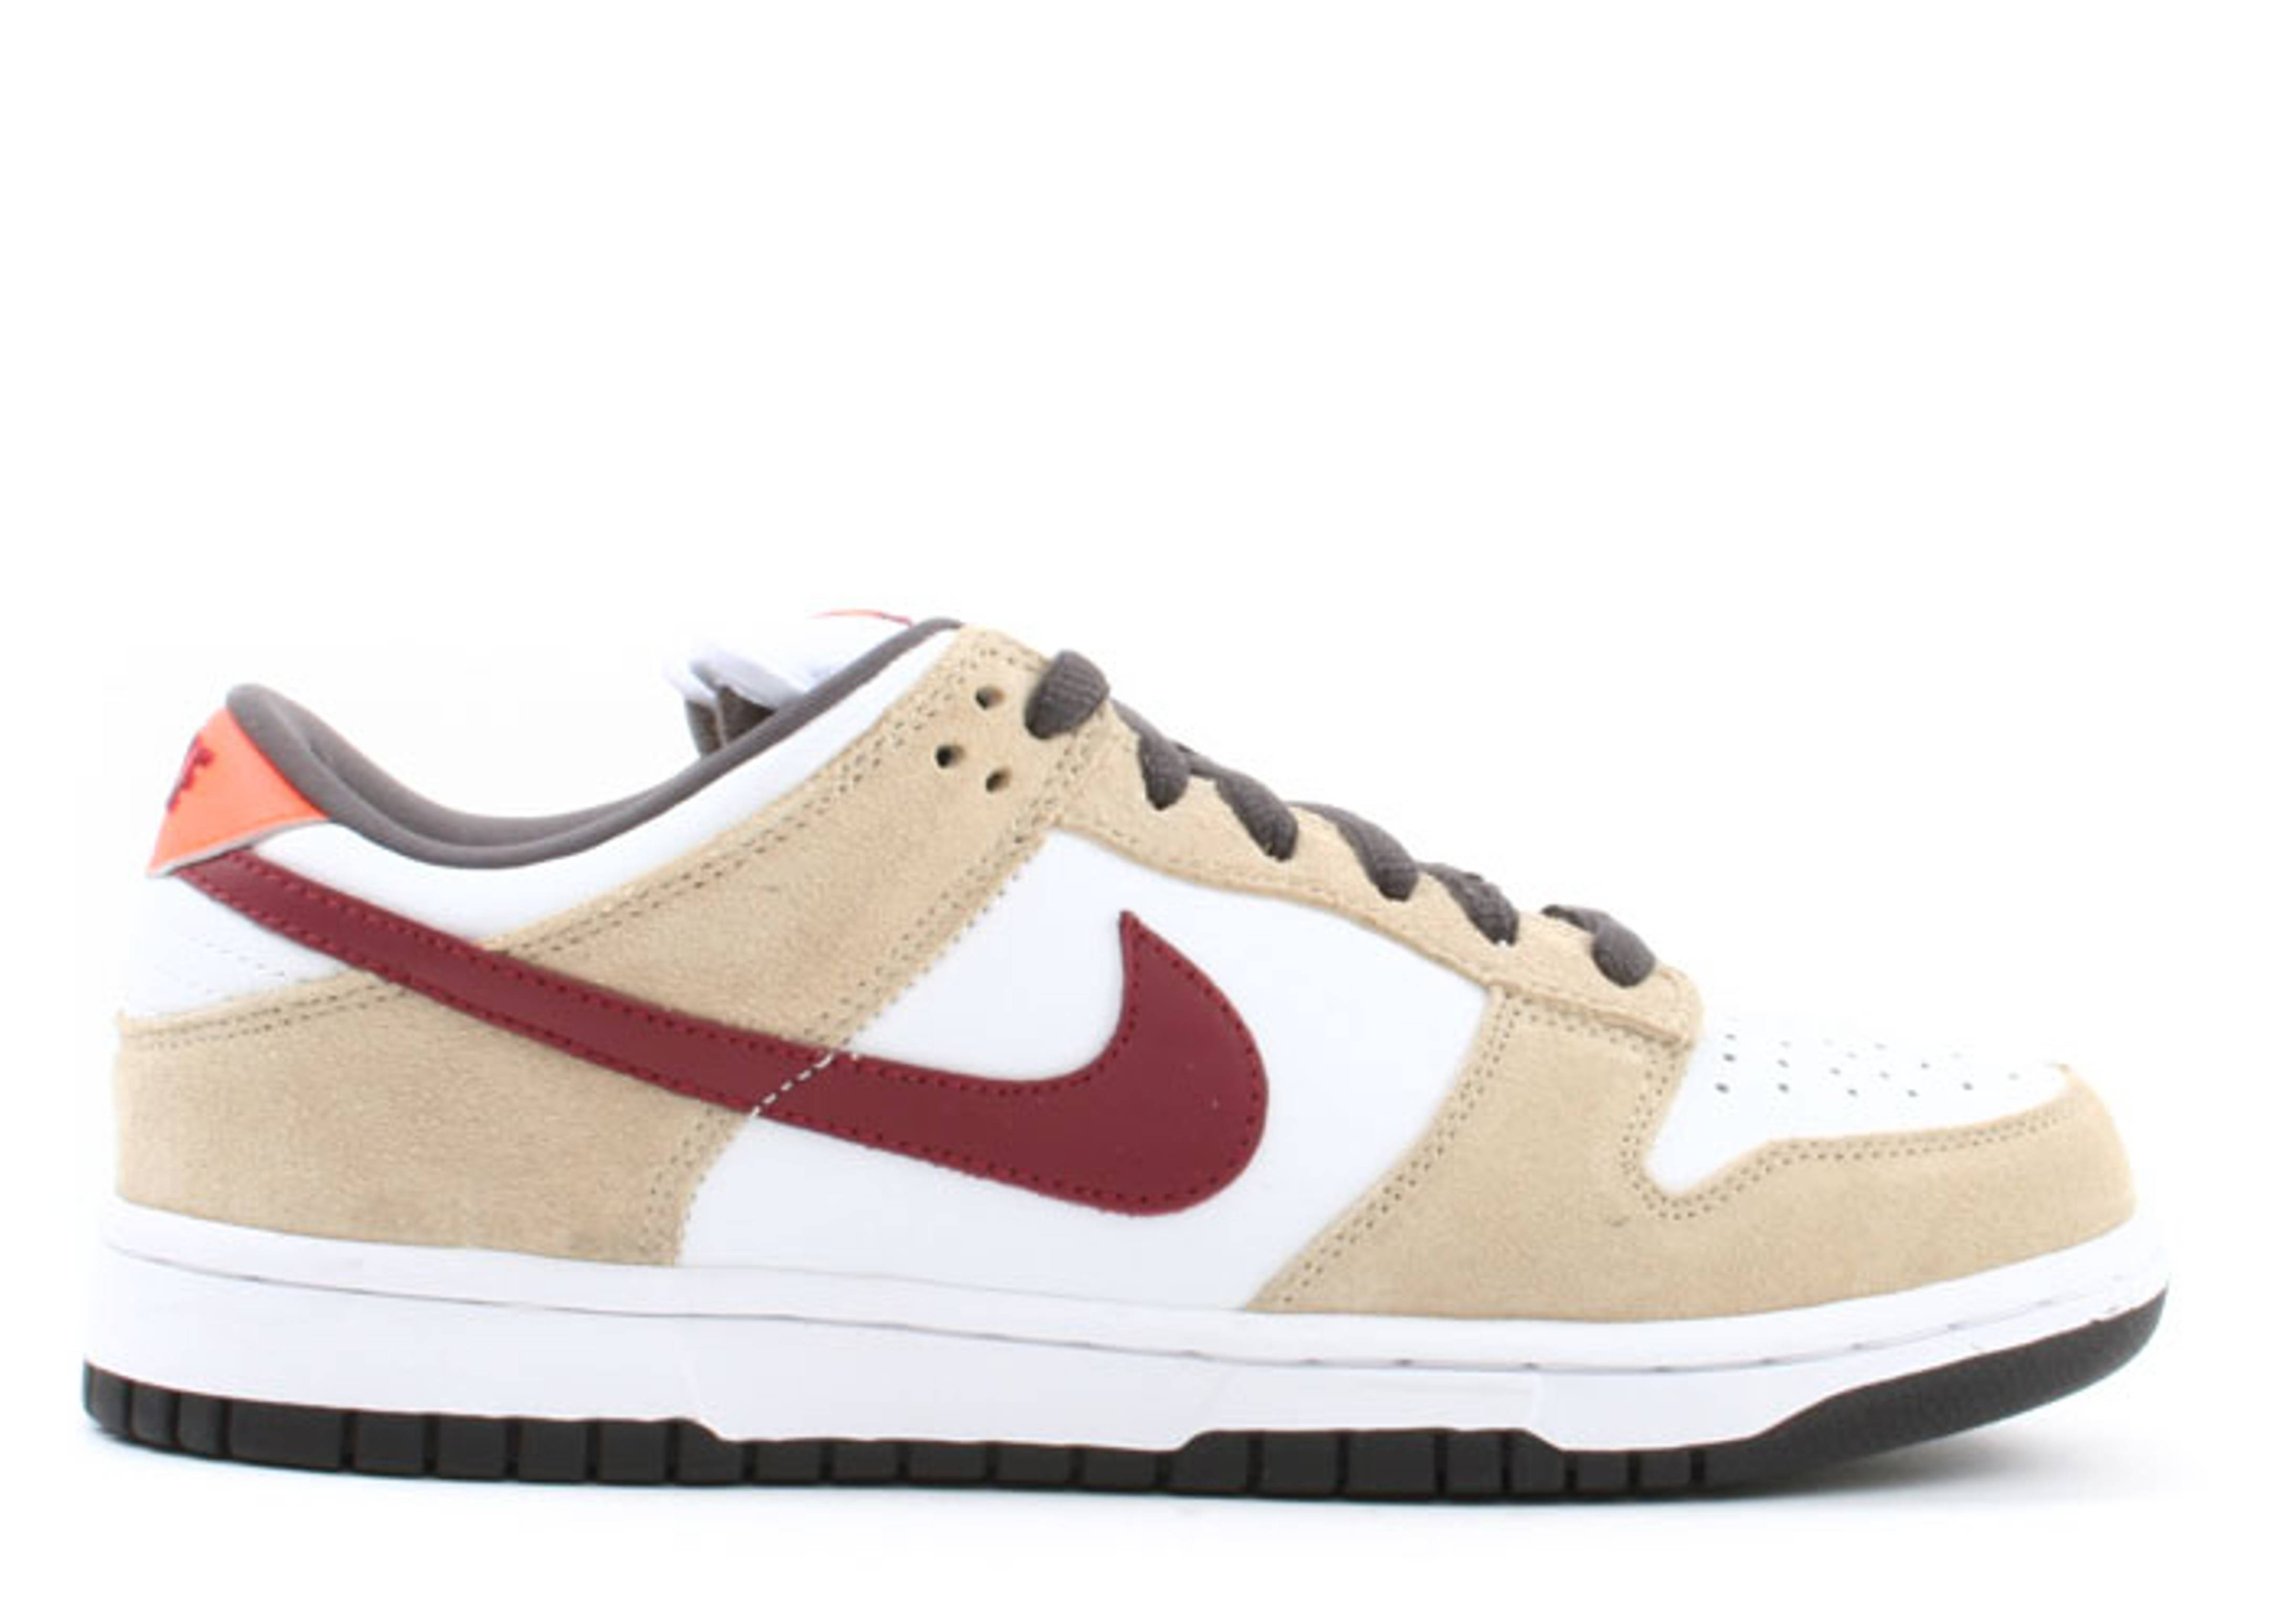 new product 7eff0 bcf25 Dunk Low Pro Sb - Nike - 304292 161 - whitevarsity crimson